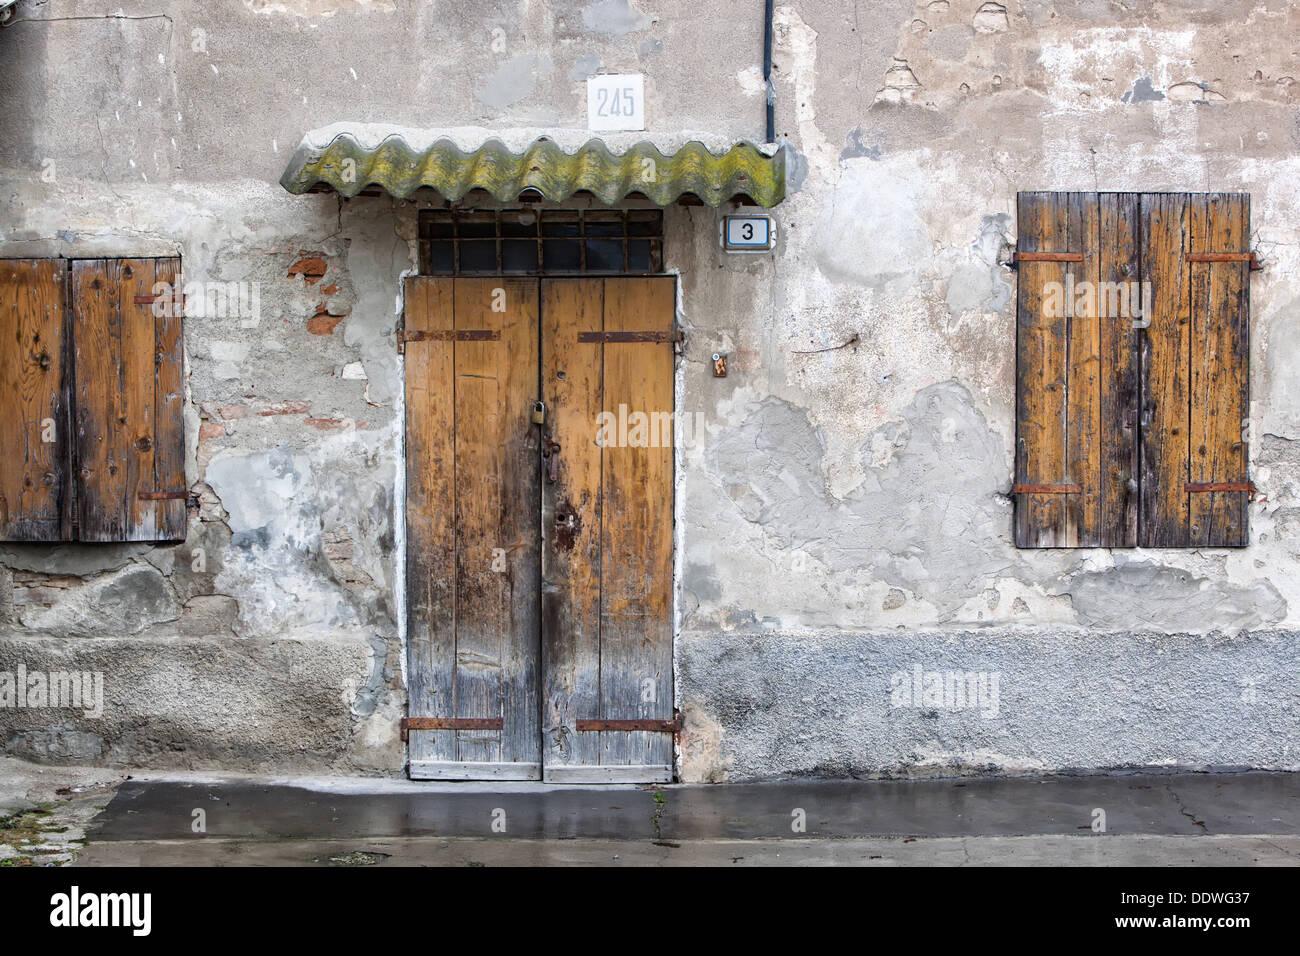 Persiane In Legno Antiche : Dettaglio della vecchia casa in stucco con facciata fatiscente